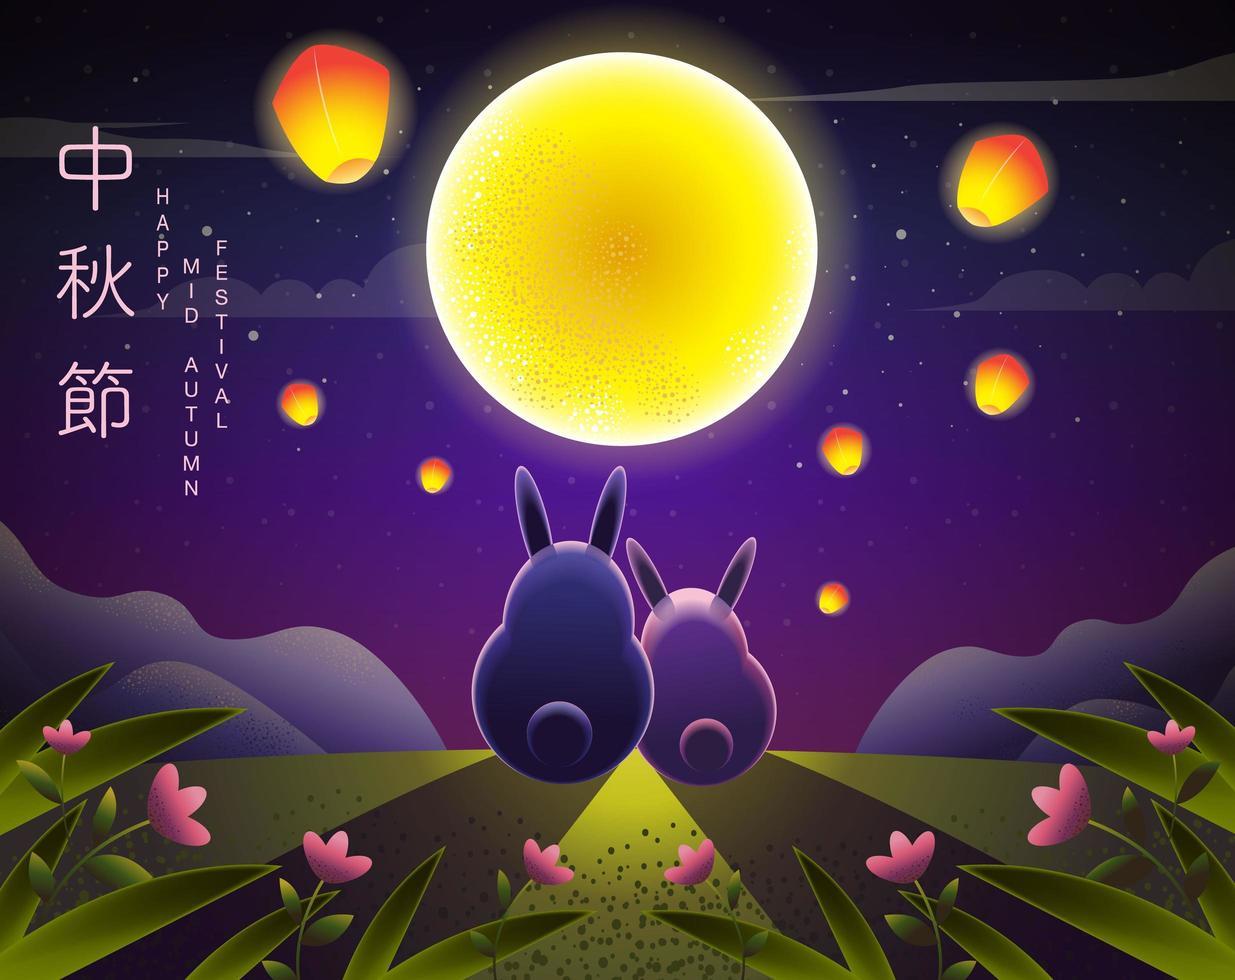 diseño del festival del medio otoño con conejos mirando la luna vector